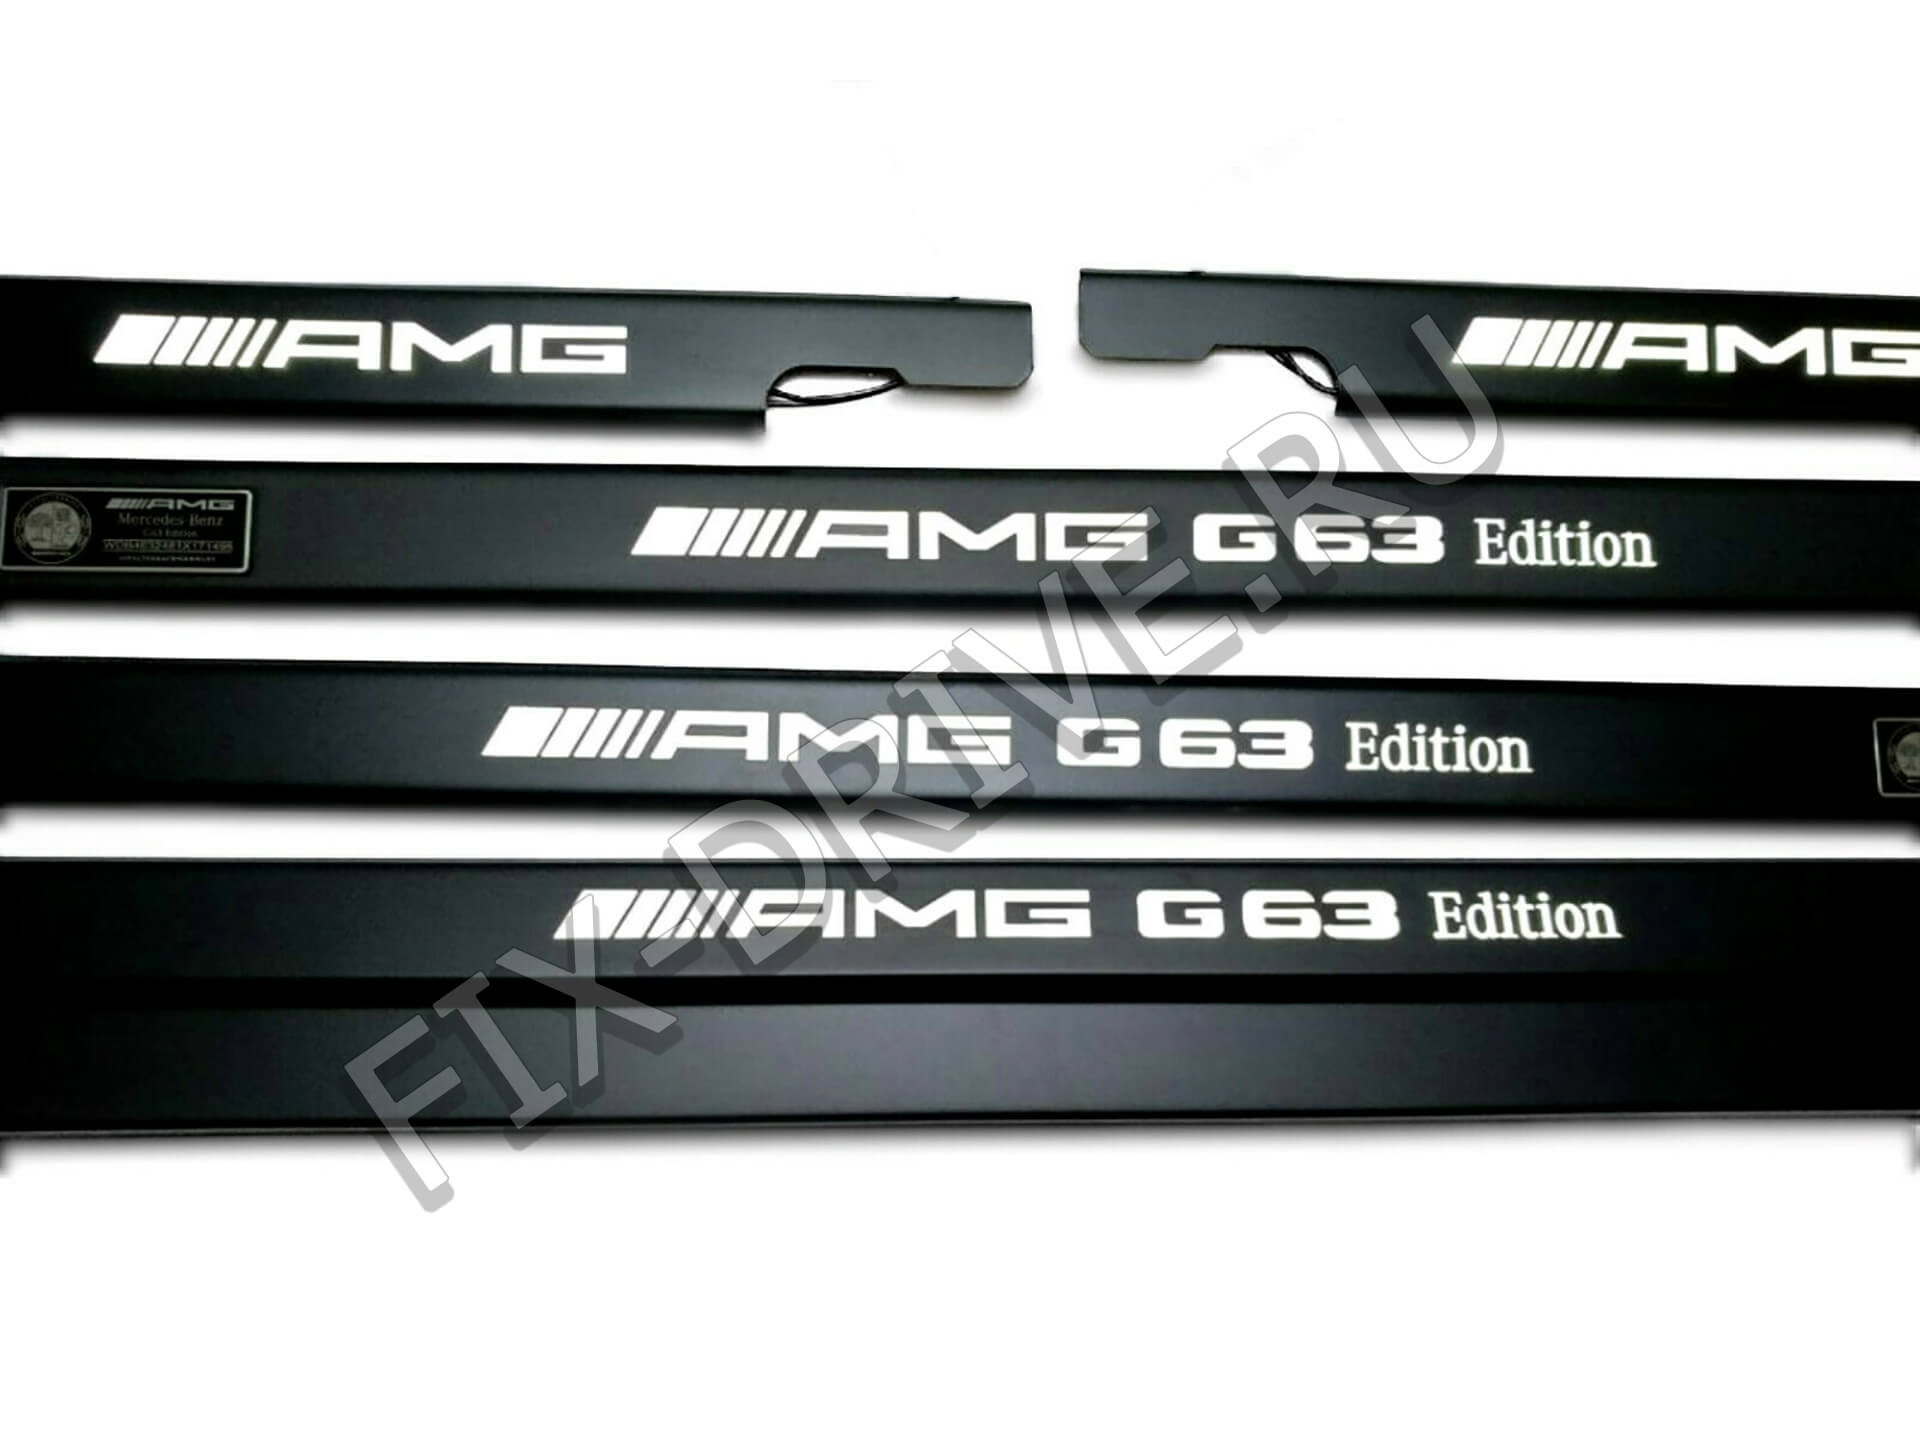 Накладки AMG G63 Edition на пороги с подсветкой G-Class w463